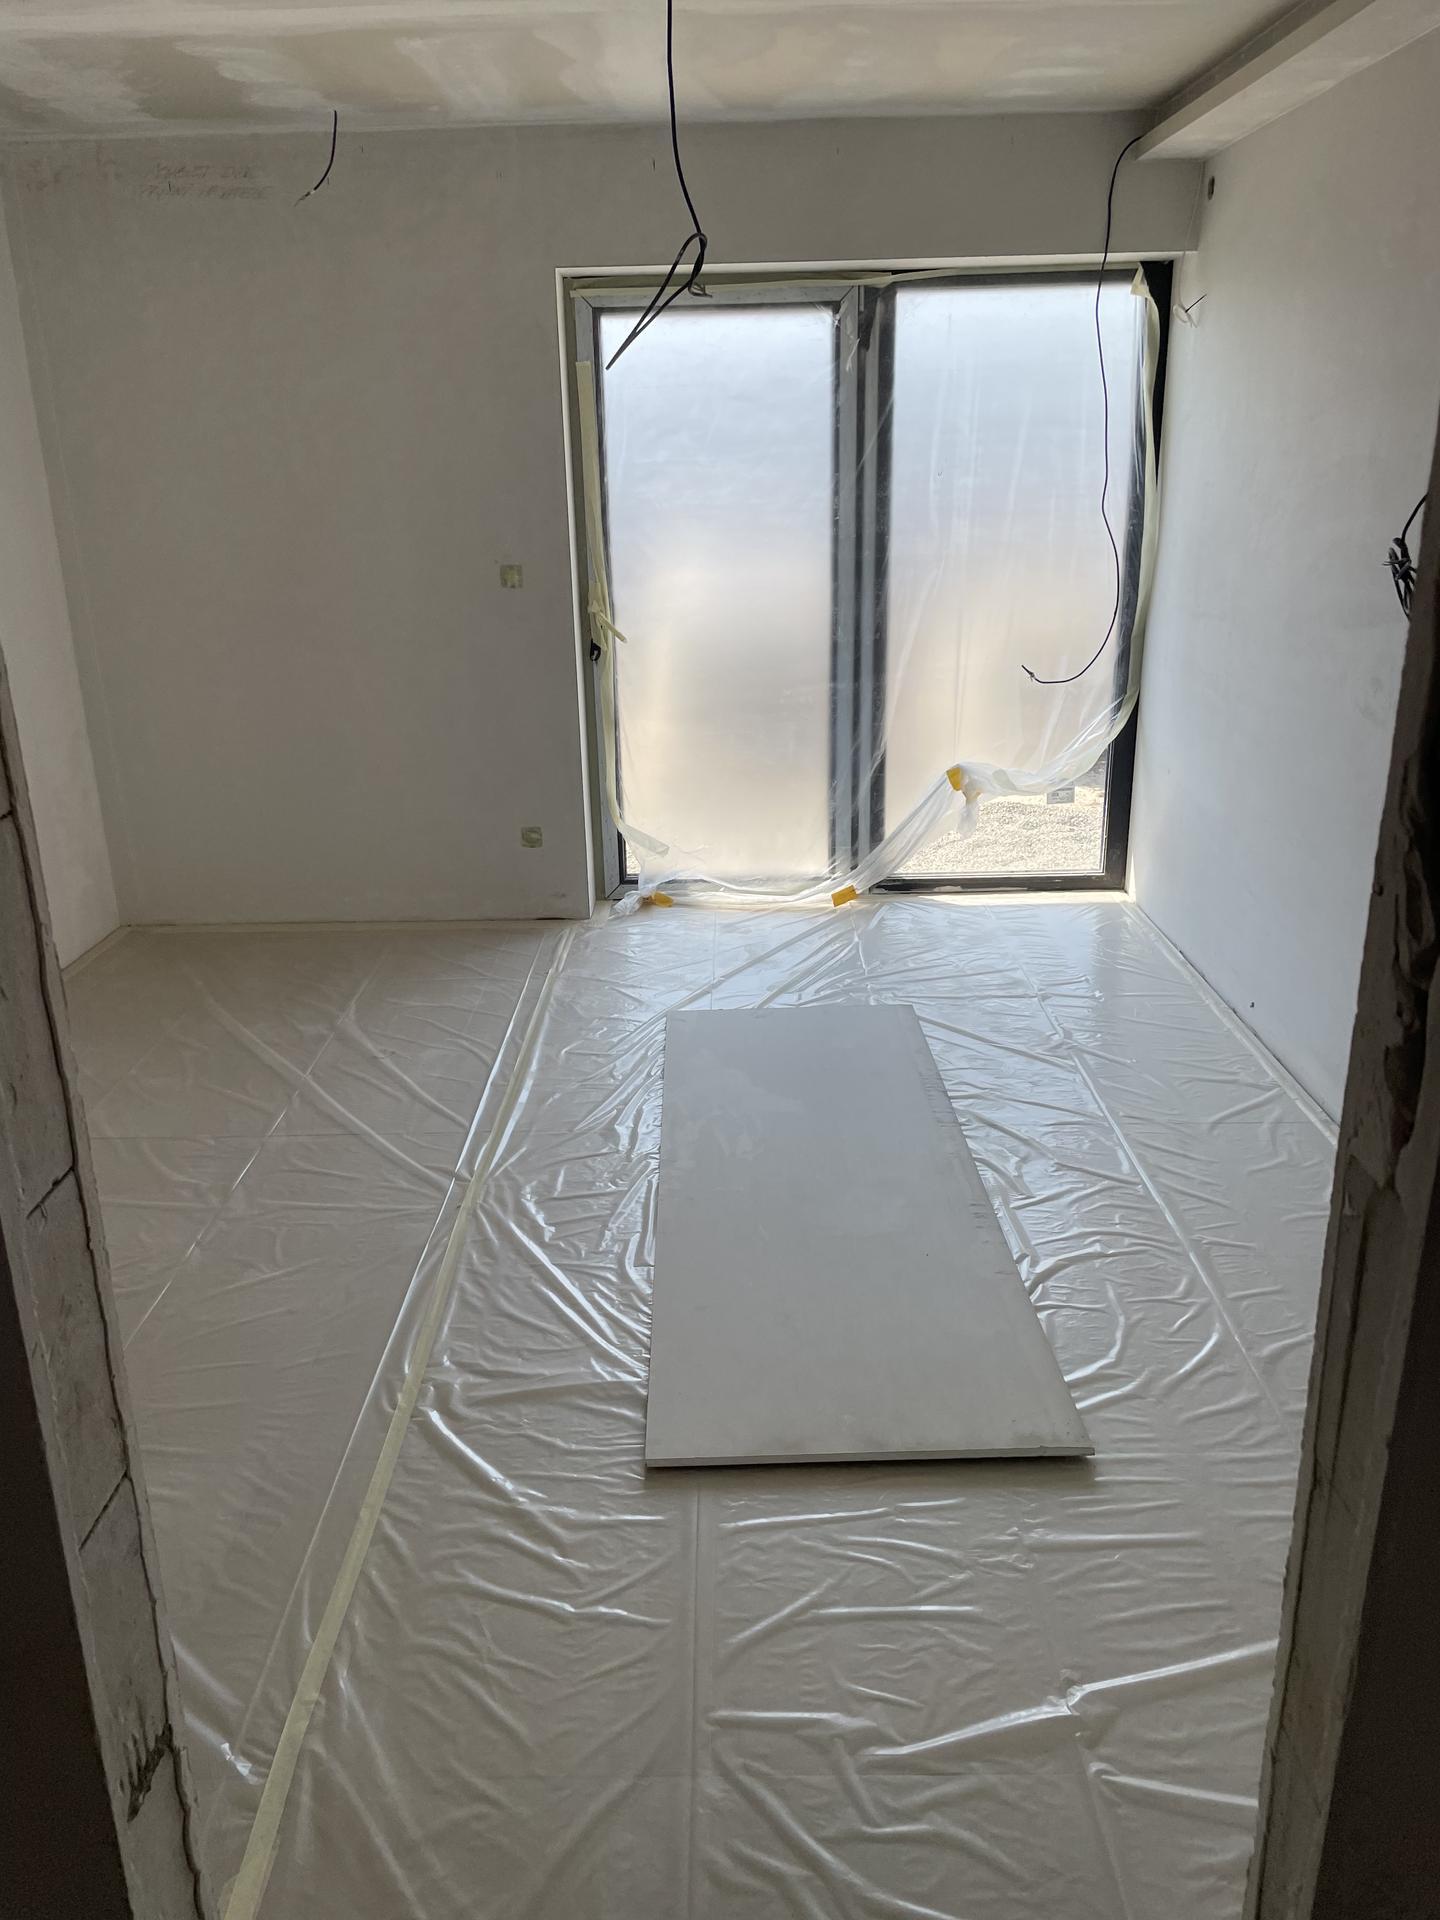 Naše nové doma - Aktuální stav, dlažba v celém domě položena a zakrytá